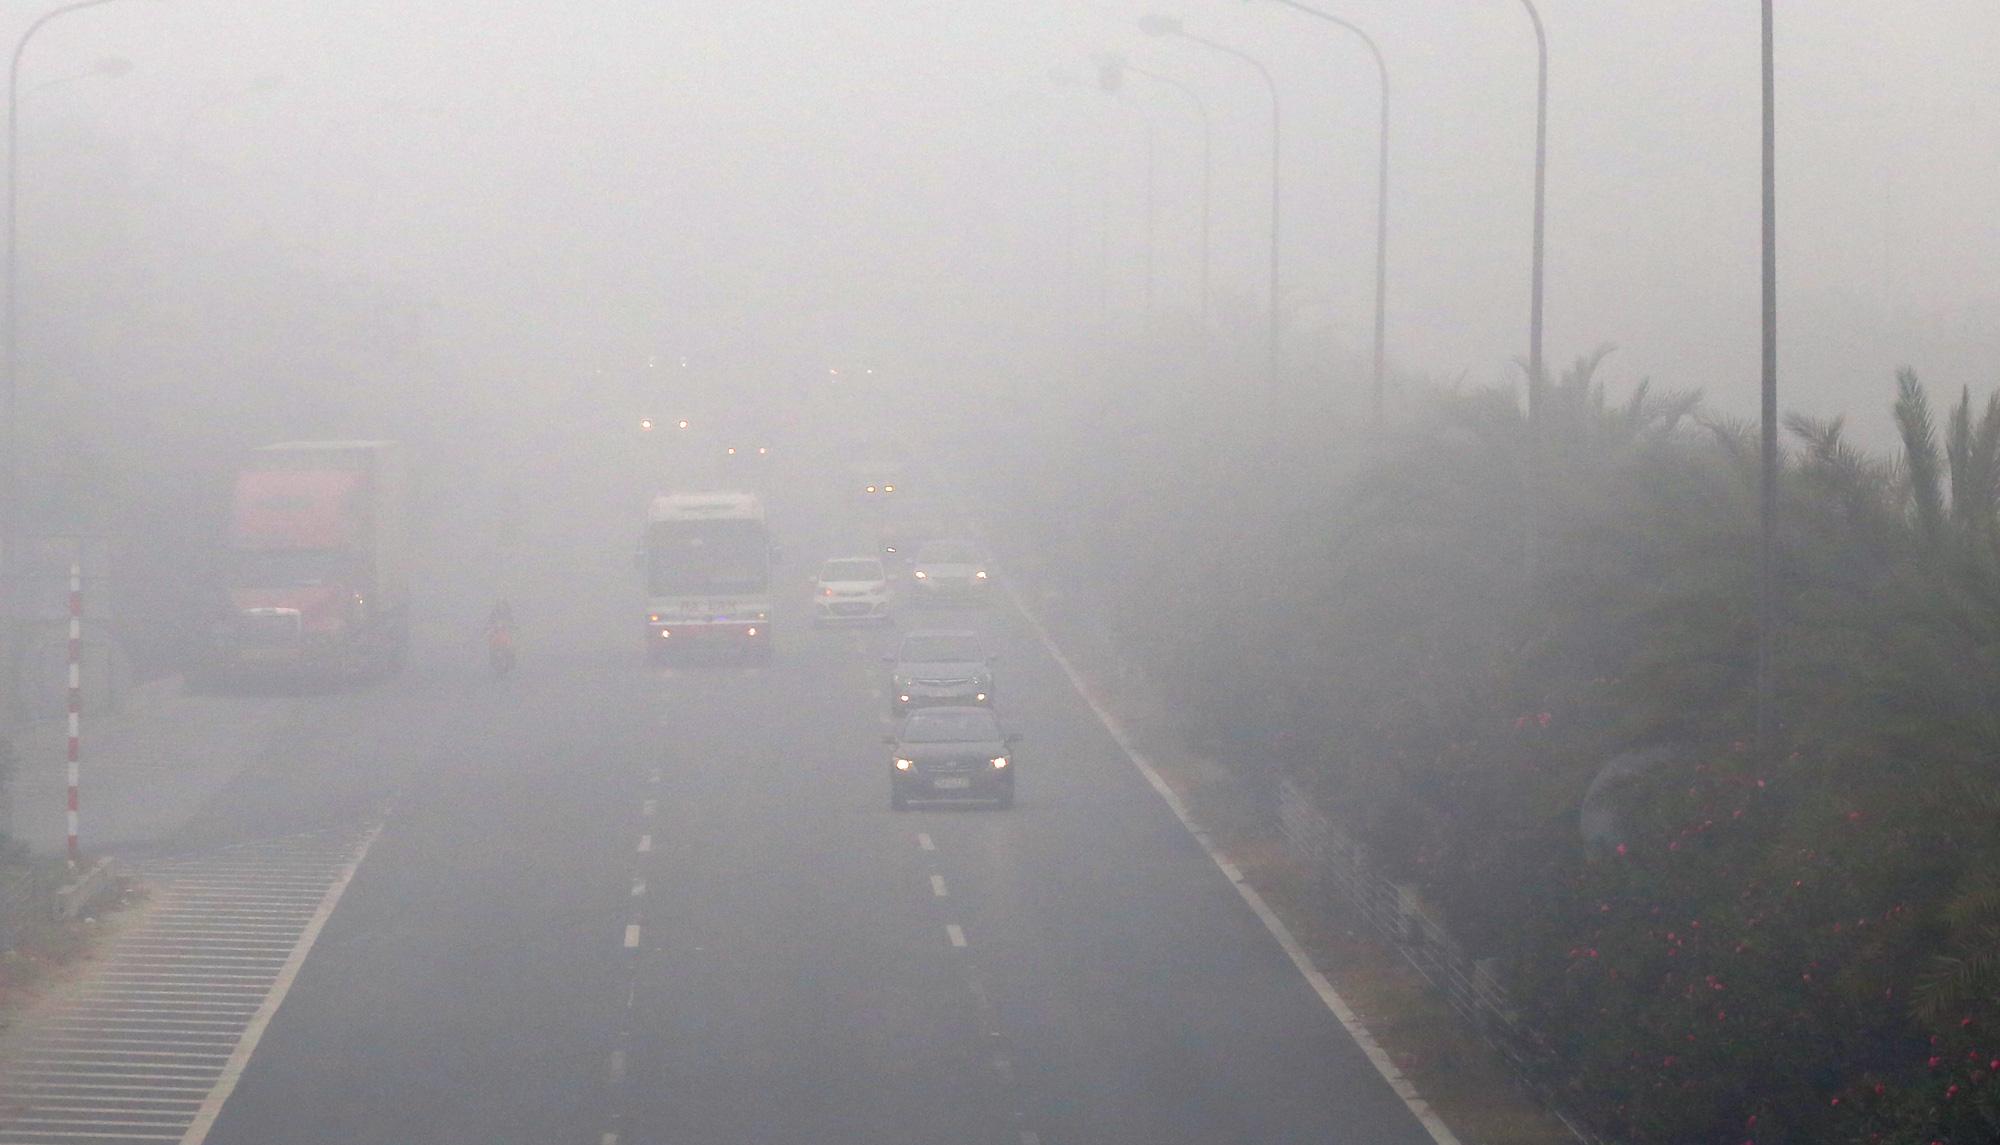 Hà Nội chìm trong sương mù giữa dịch virus corona - Ảnh 2.